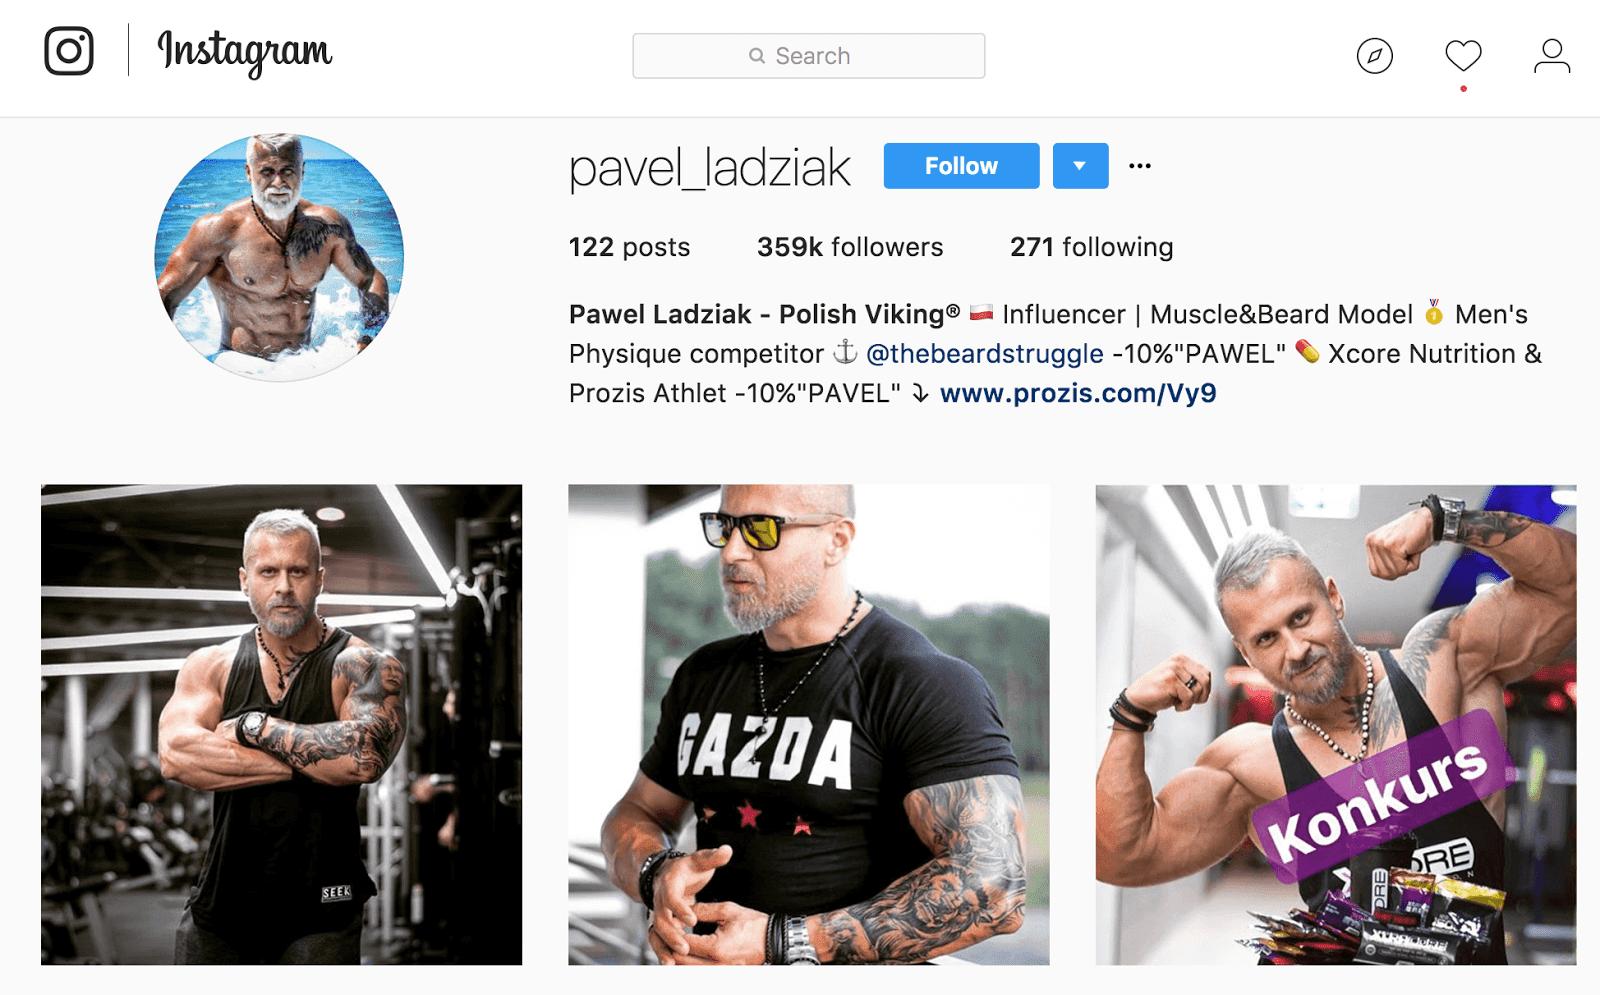 Pawel Ladziak has thousands of followers on Instagram